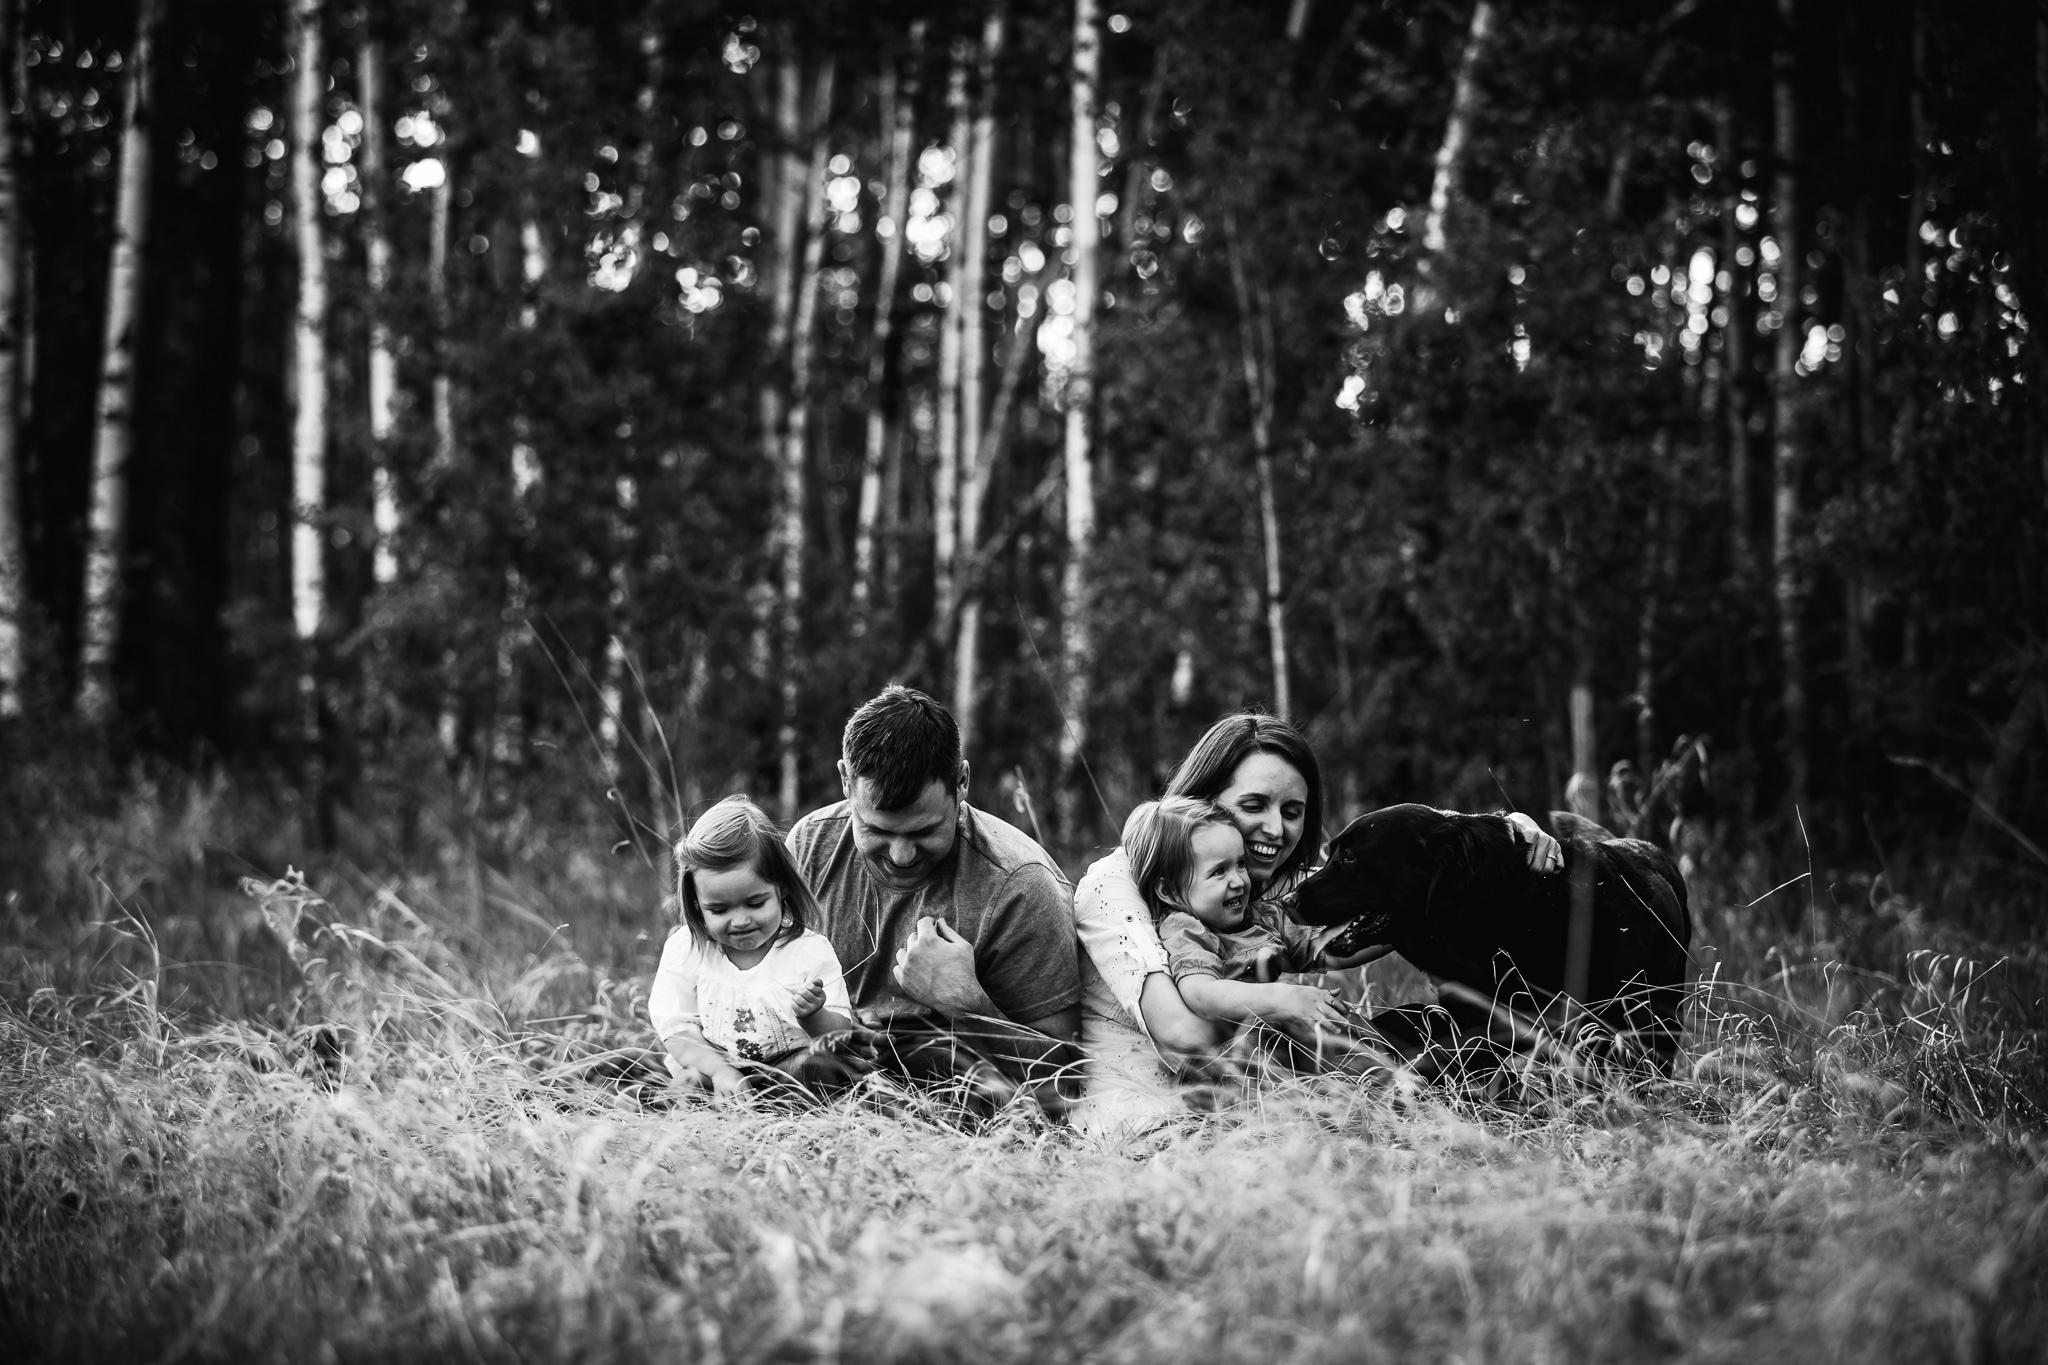 Alina-Joy-Photography-Cold-Lake-Lifestyle-Photographer-31.jpg